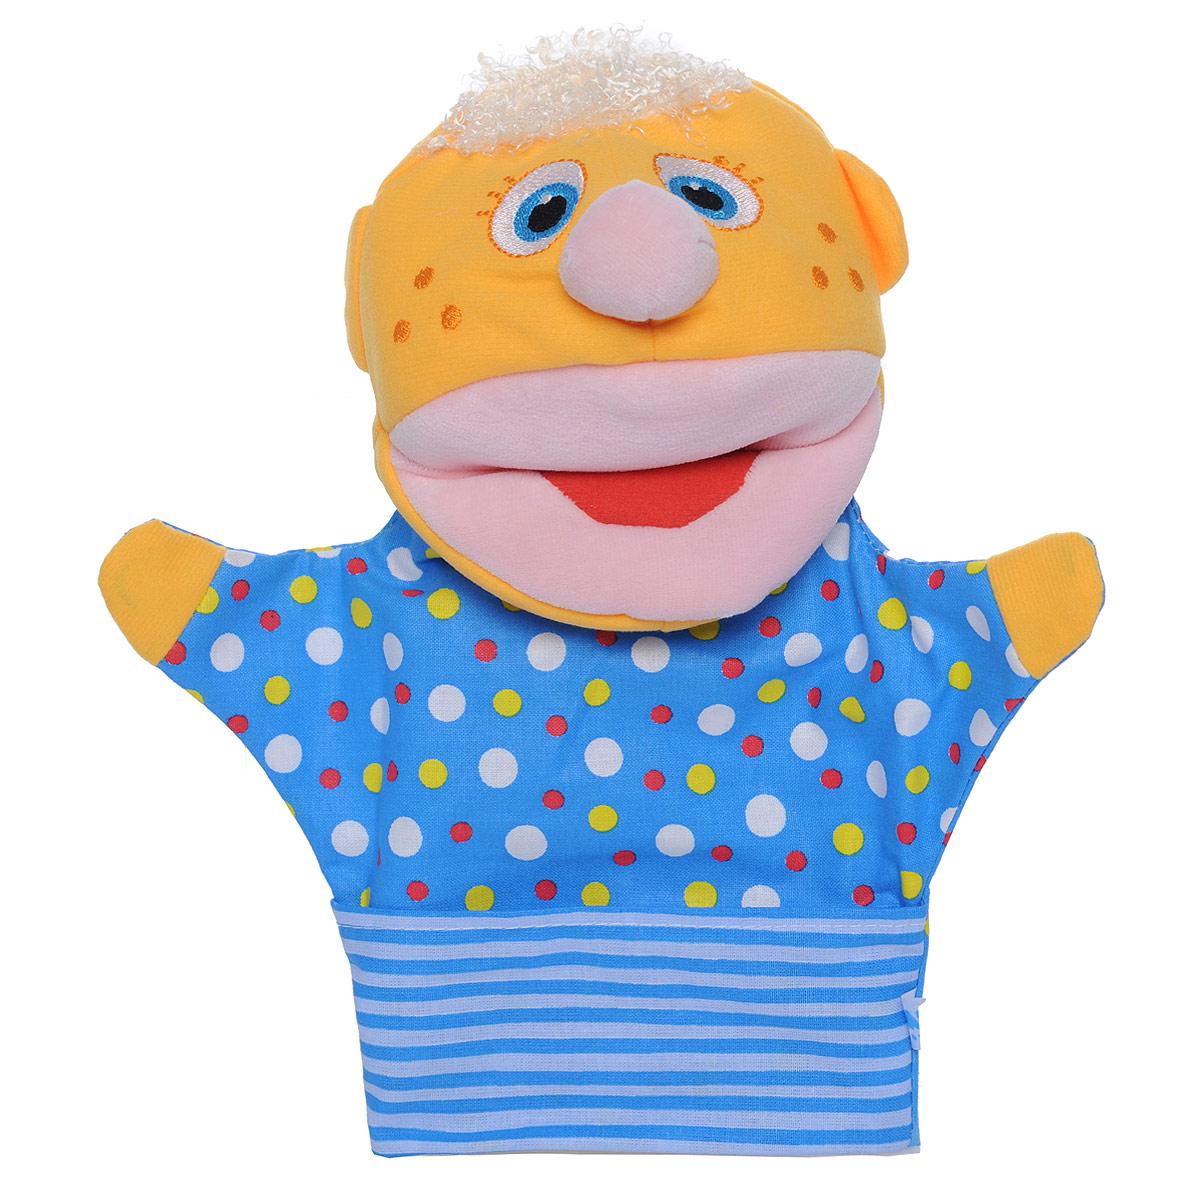 Мягкая игрушка на руку Мякиши Нямлик, 26 см, цвет: желтый, синий мякиши мягкая книжка игрушка веселое